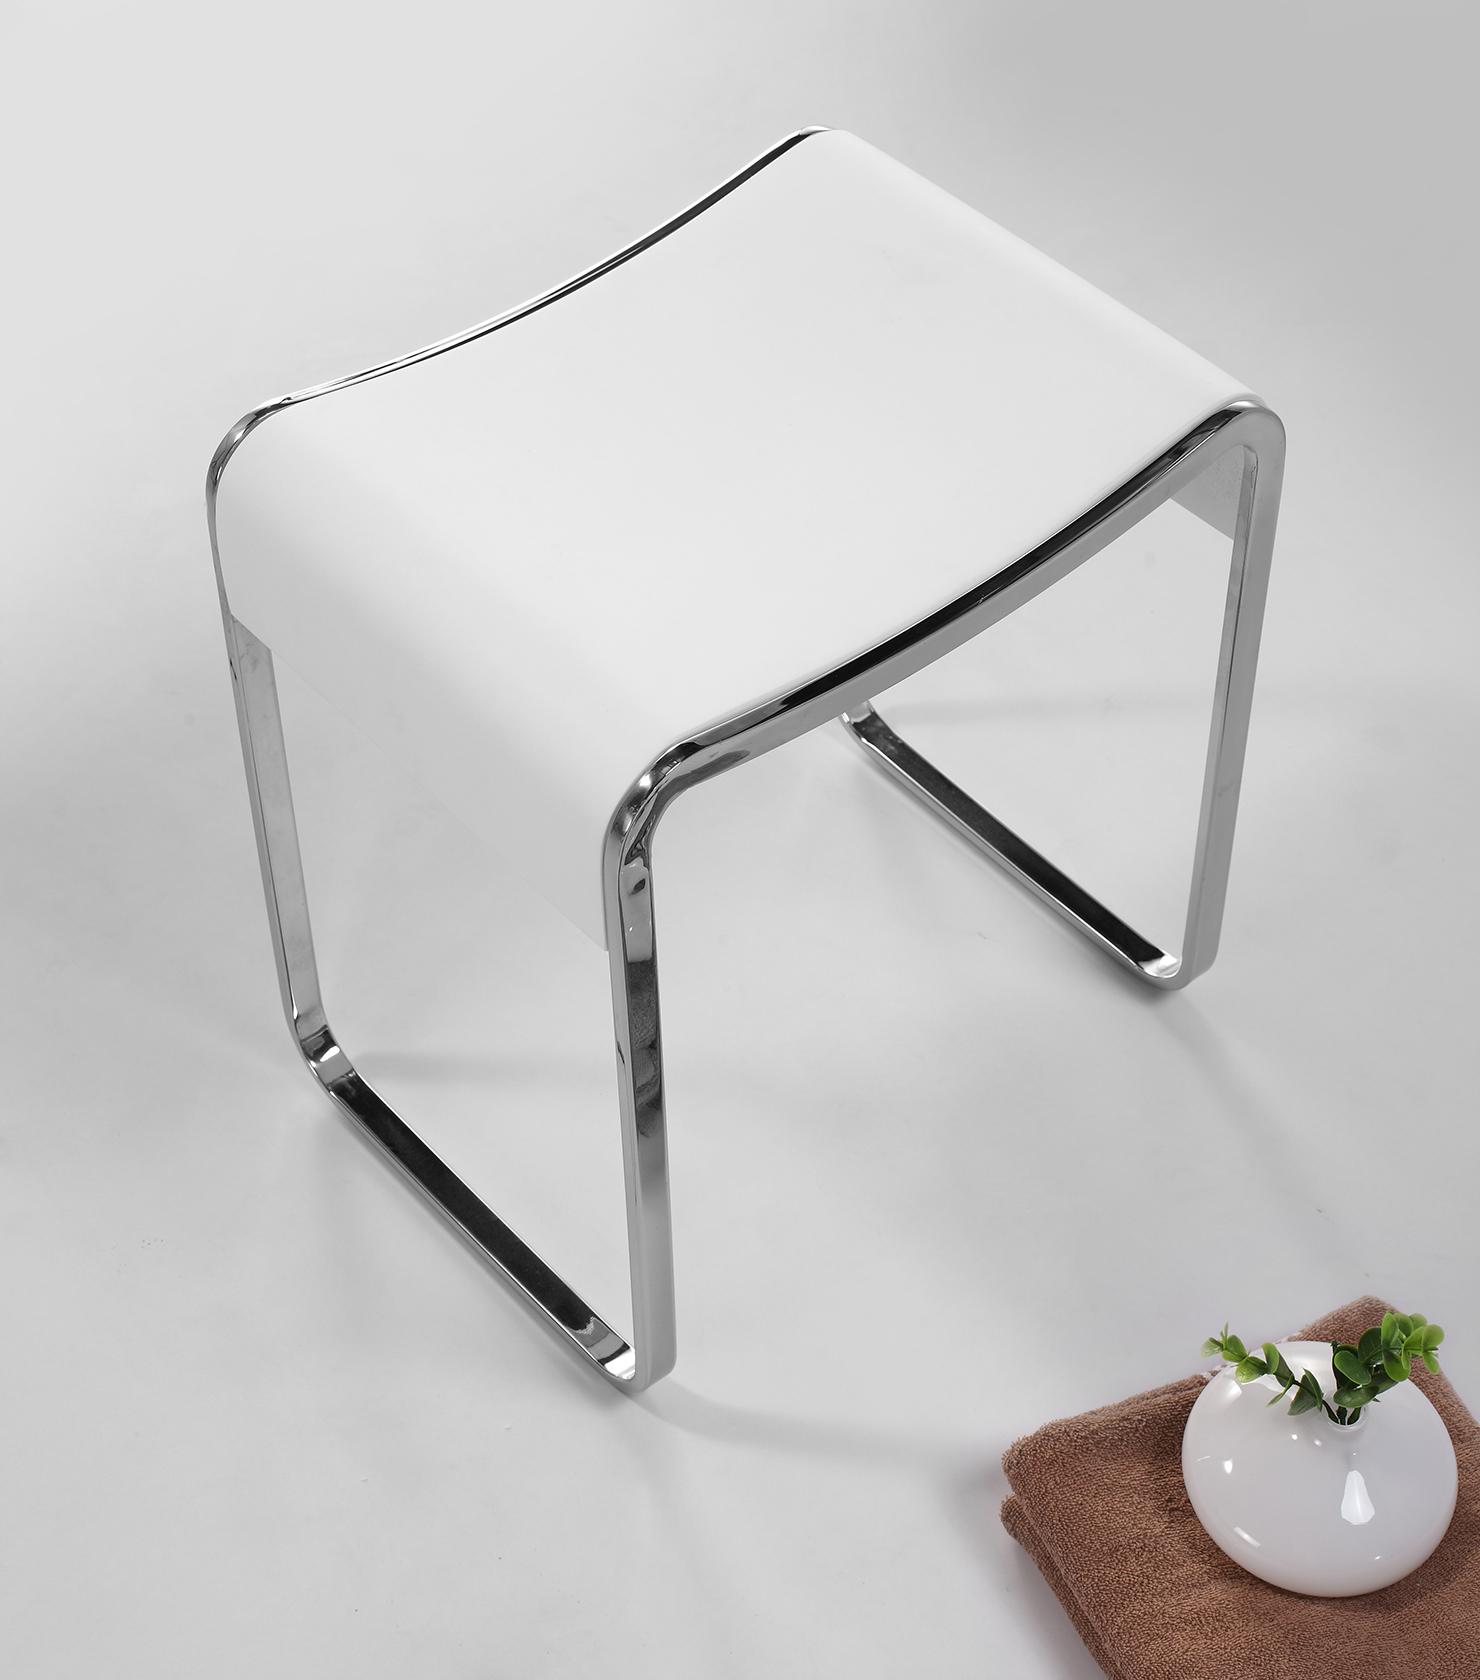 Sedile Per Doccia Ikea.Trova Le Migliori Sgabelli Per Doccia Design Produttori E Sgabelli Per Doccia Design Per Italian Speaker Mercato In Alibaba Com